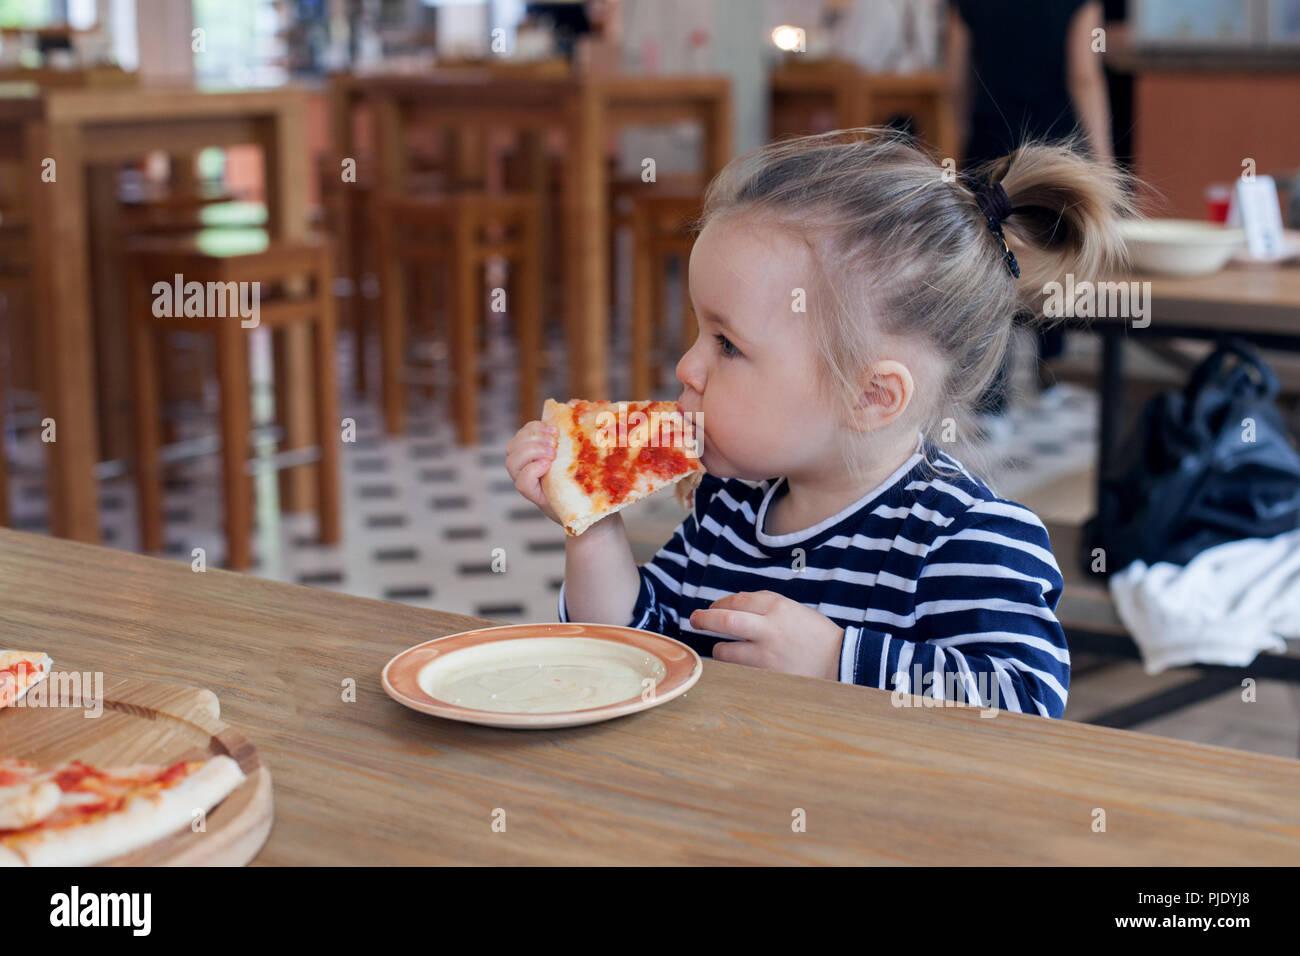 Carino piccolo 2 anni ragazza mangiare la pizza nel ristorante Immagini Stock